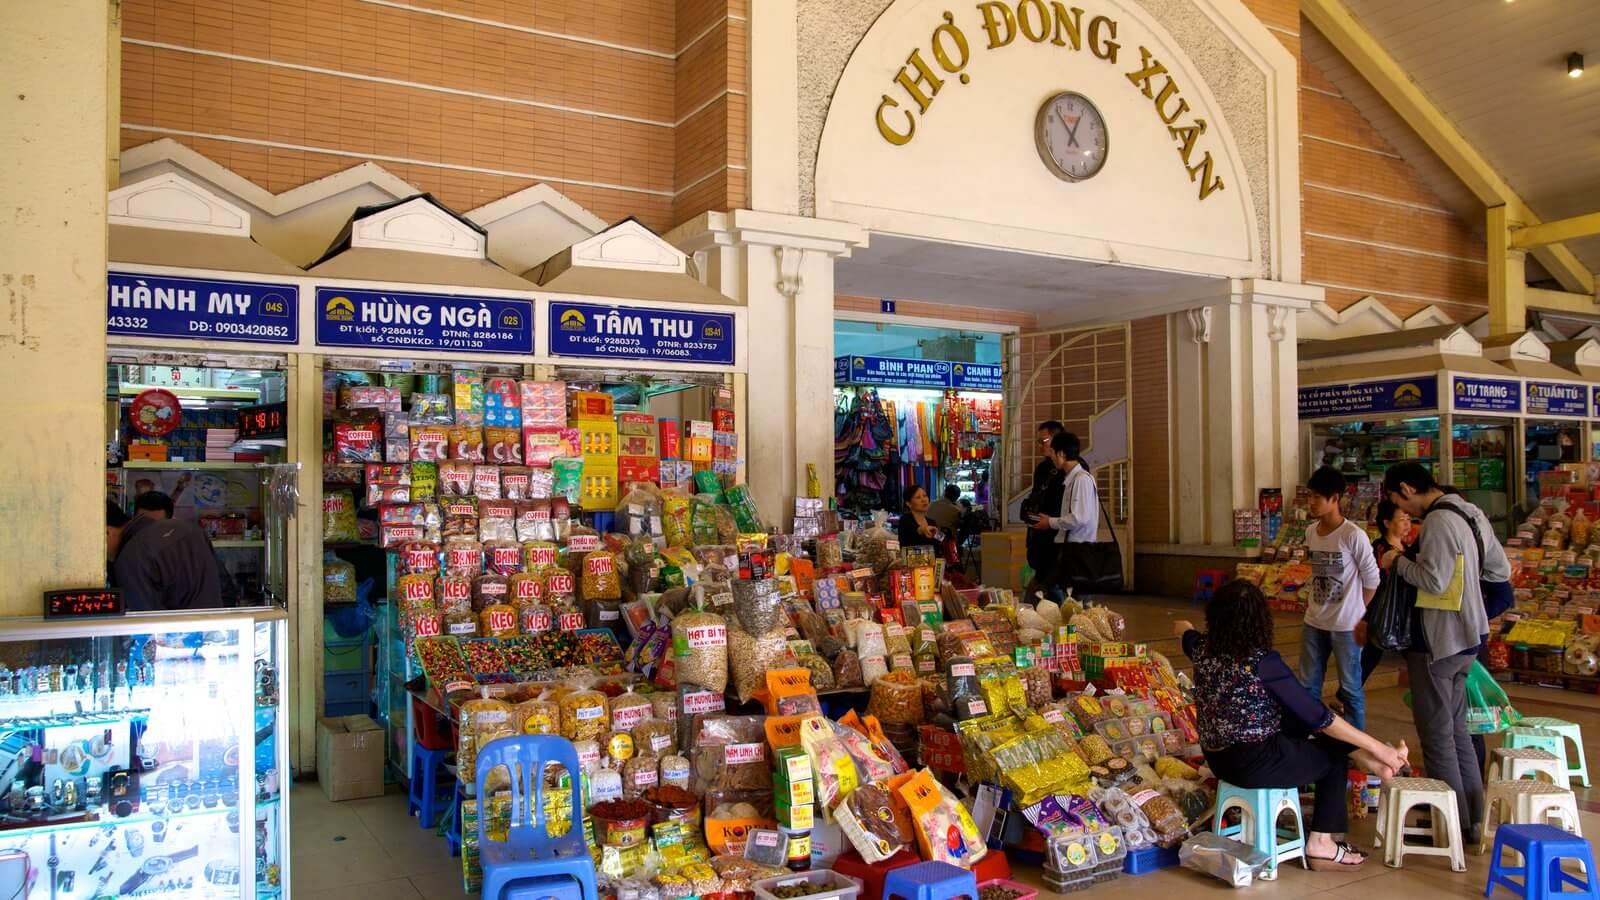 Chợ Đồng Xuân địa điểm tham quan mua sắm ở Hà Nội (ảnh sưu tầm)